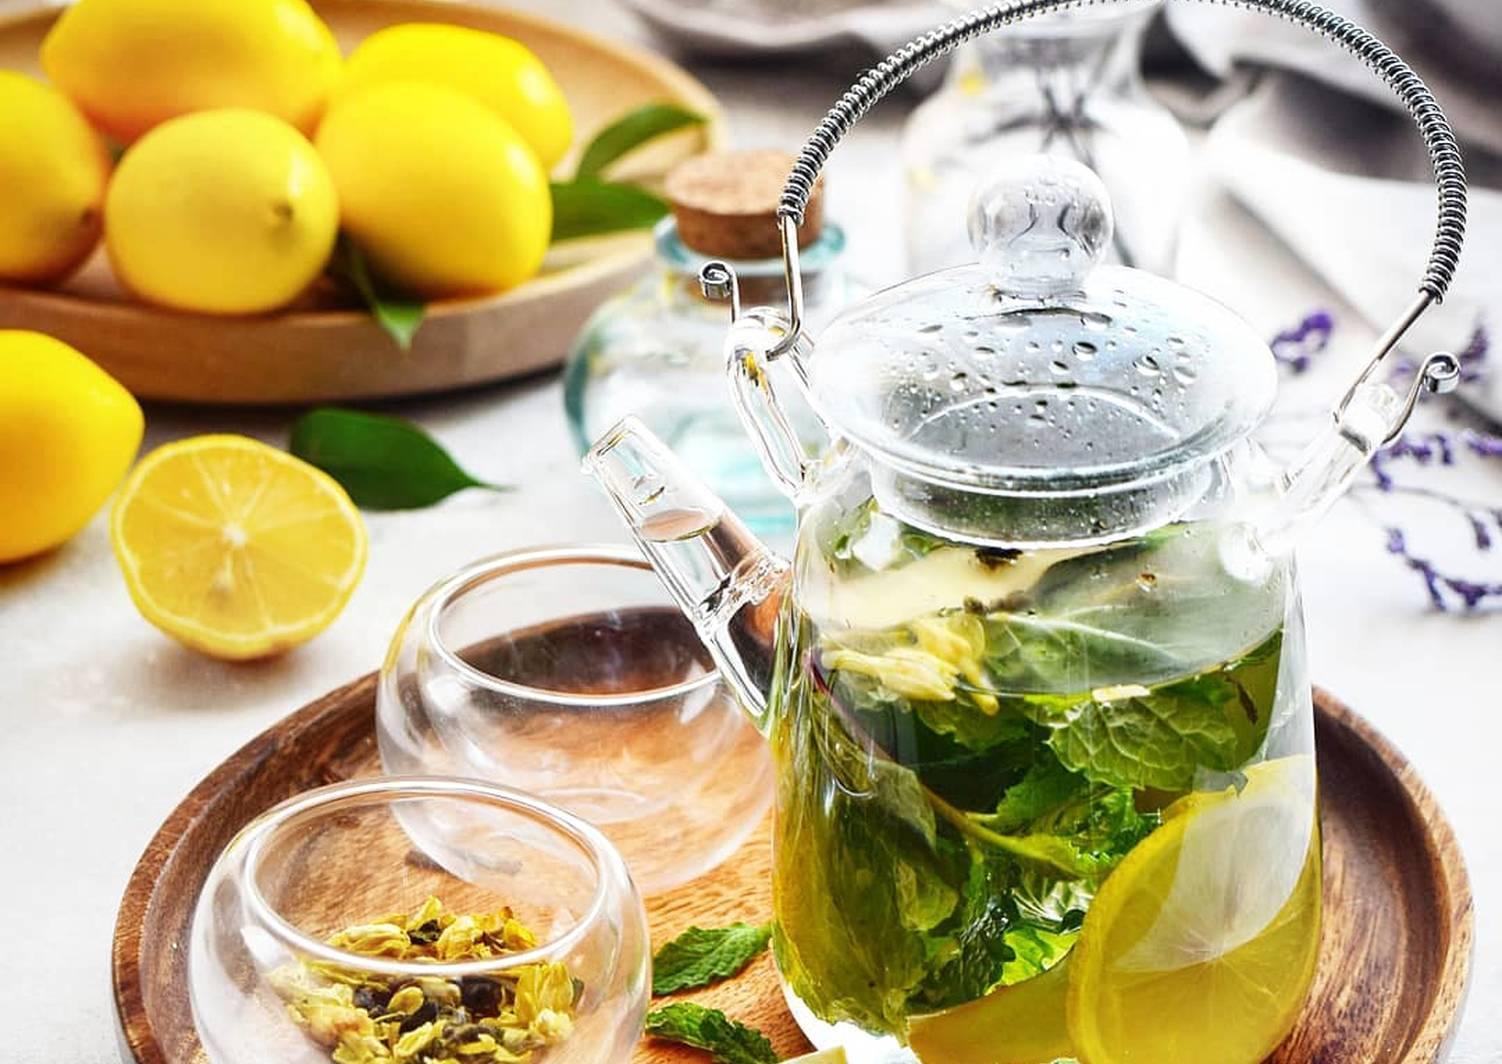 Чем полезен чай с лимоном: польза и вред, сколько можно пить